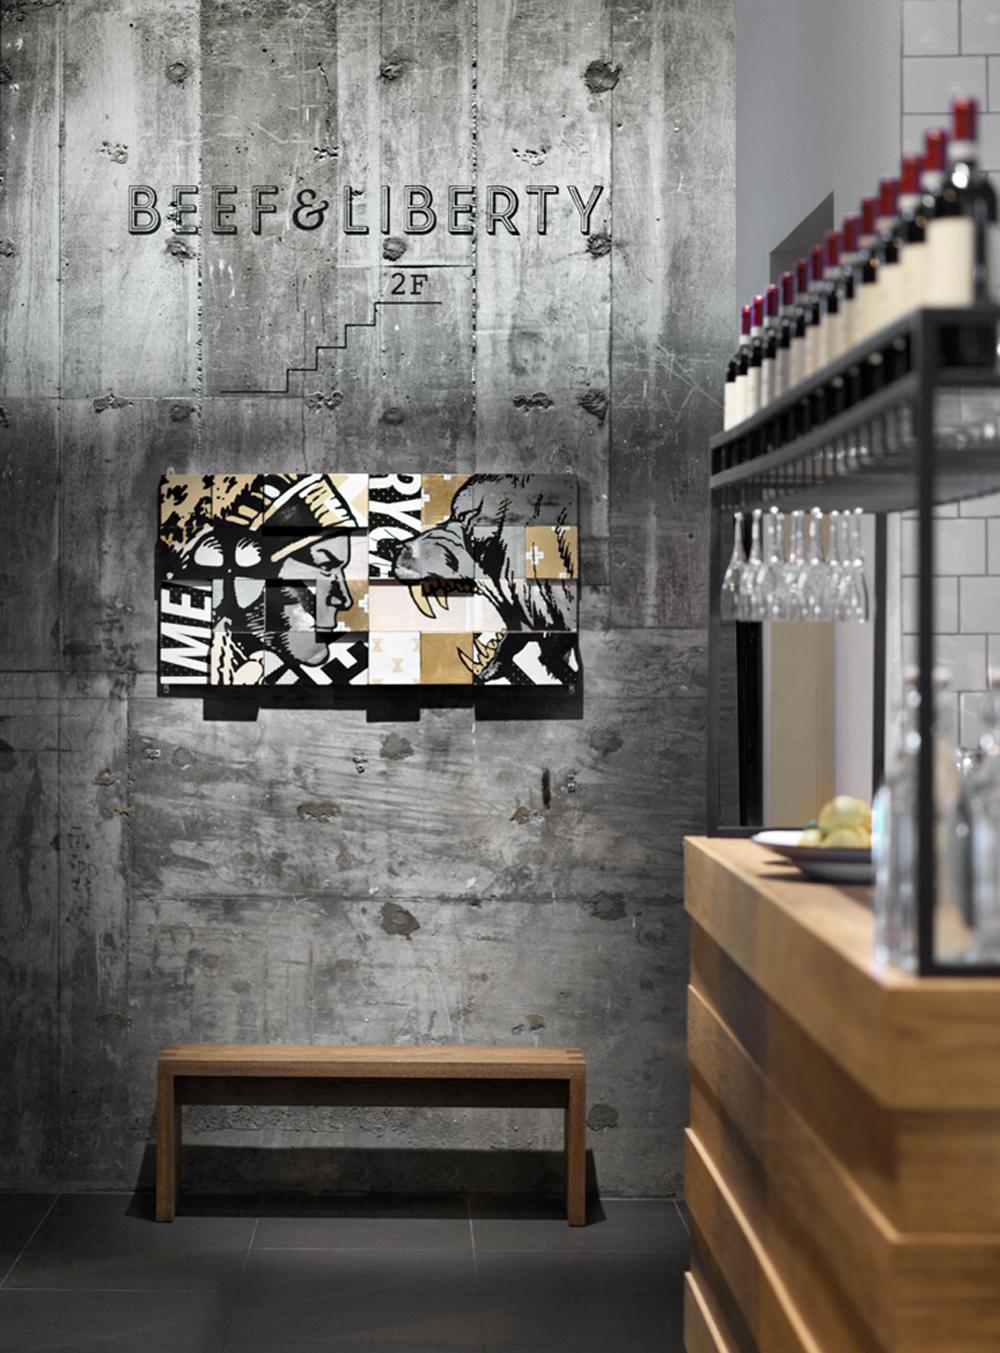 BEEF&LIBERTY_04